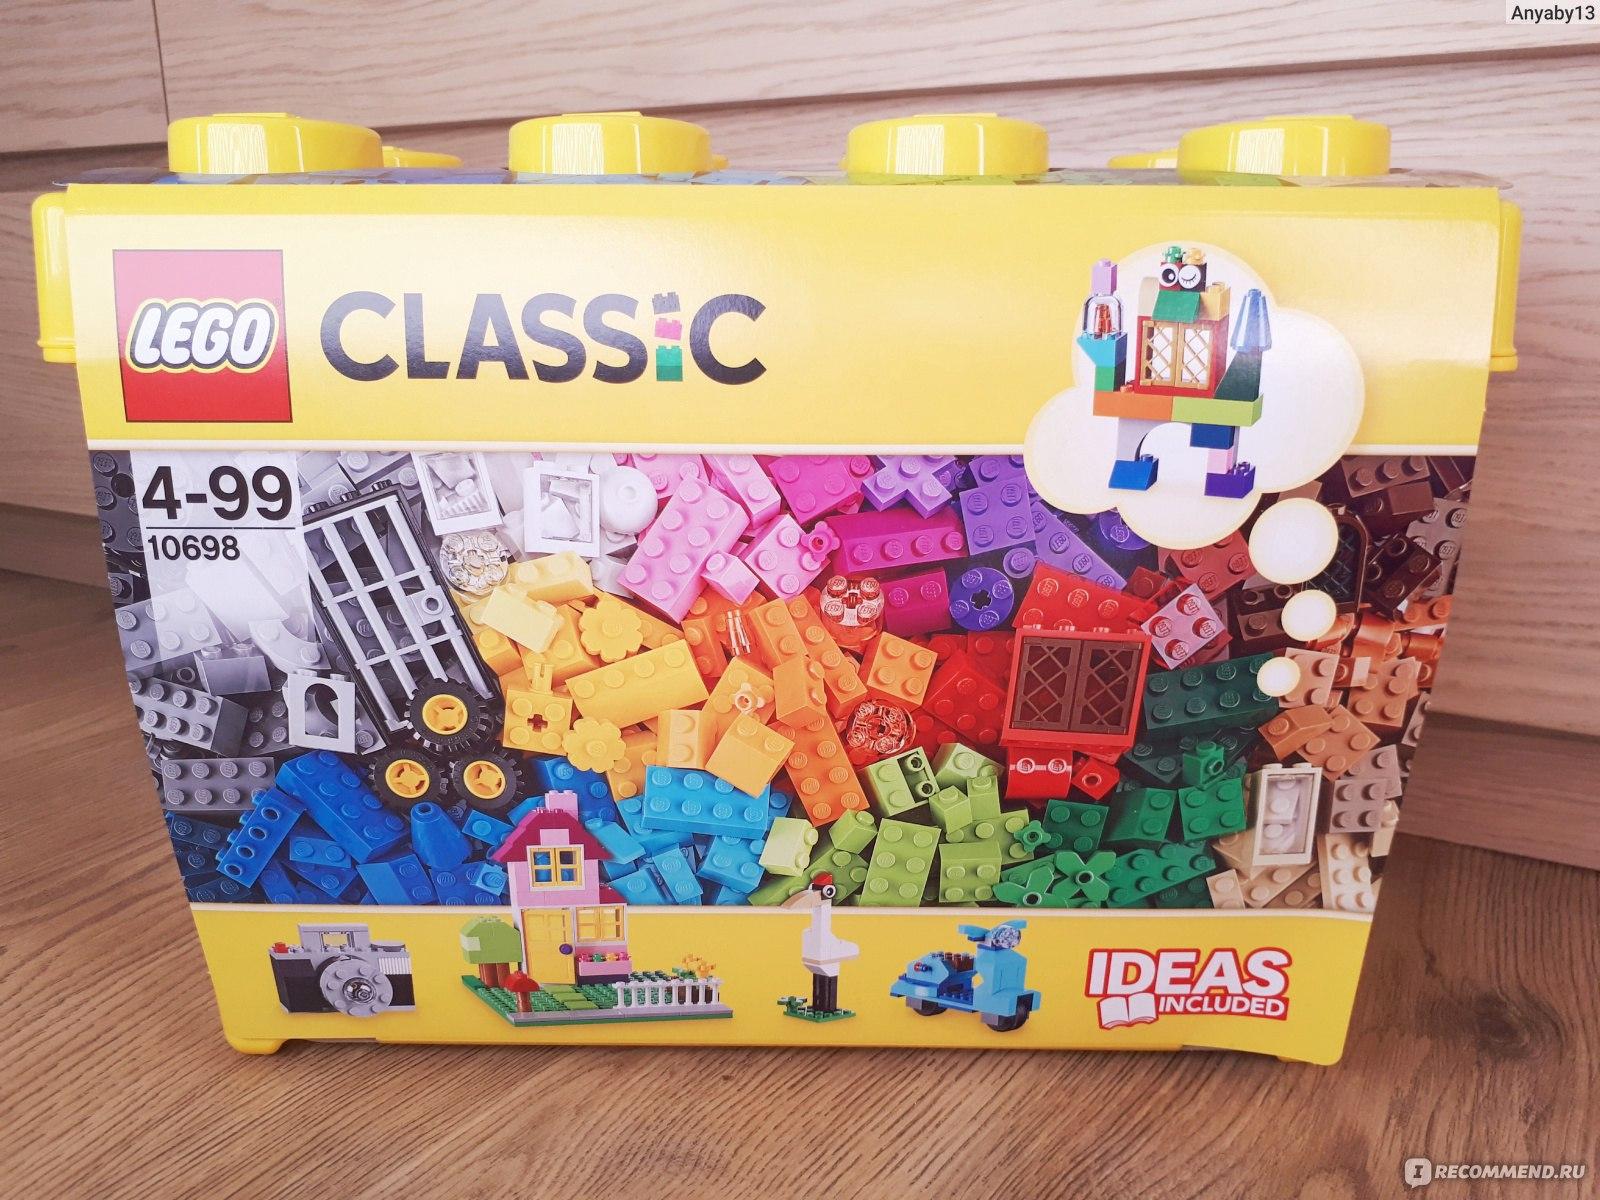 Lego Classic 10698 - «Как же мне нравятся конструкторы от